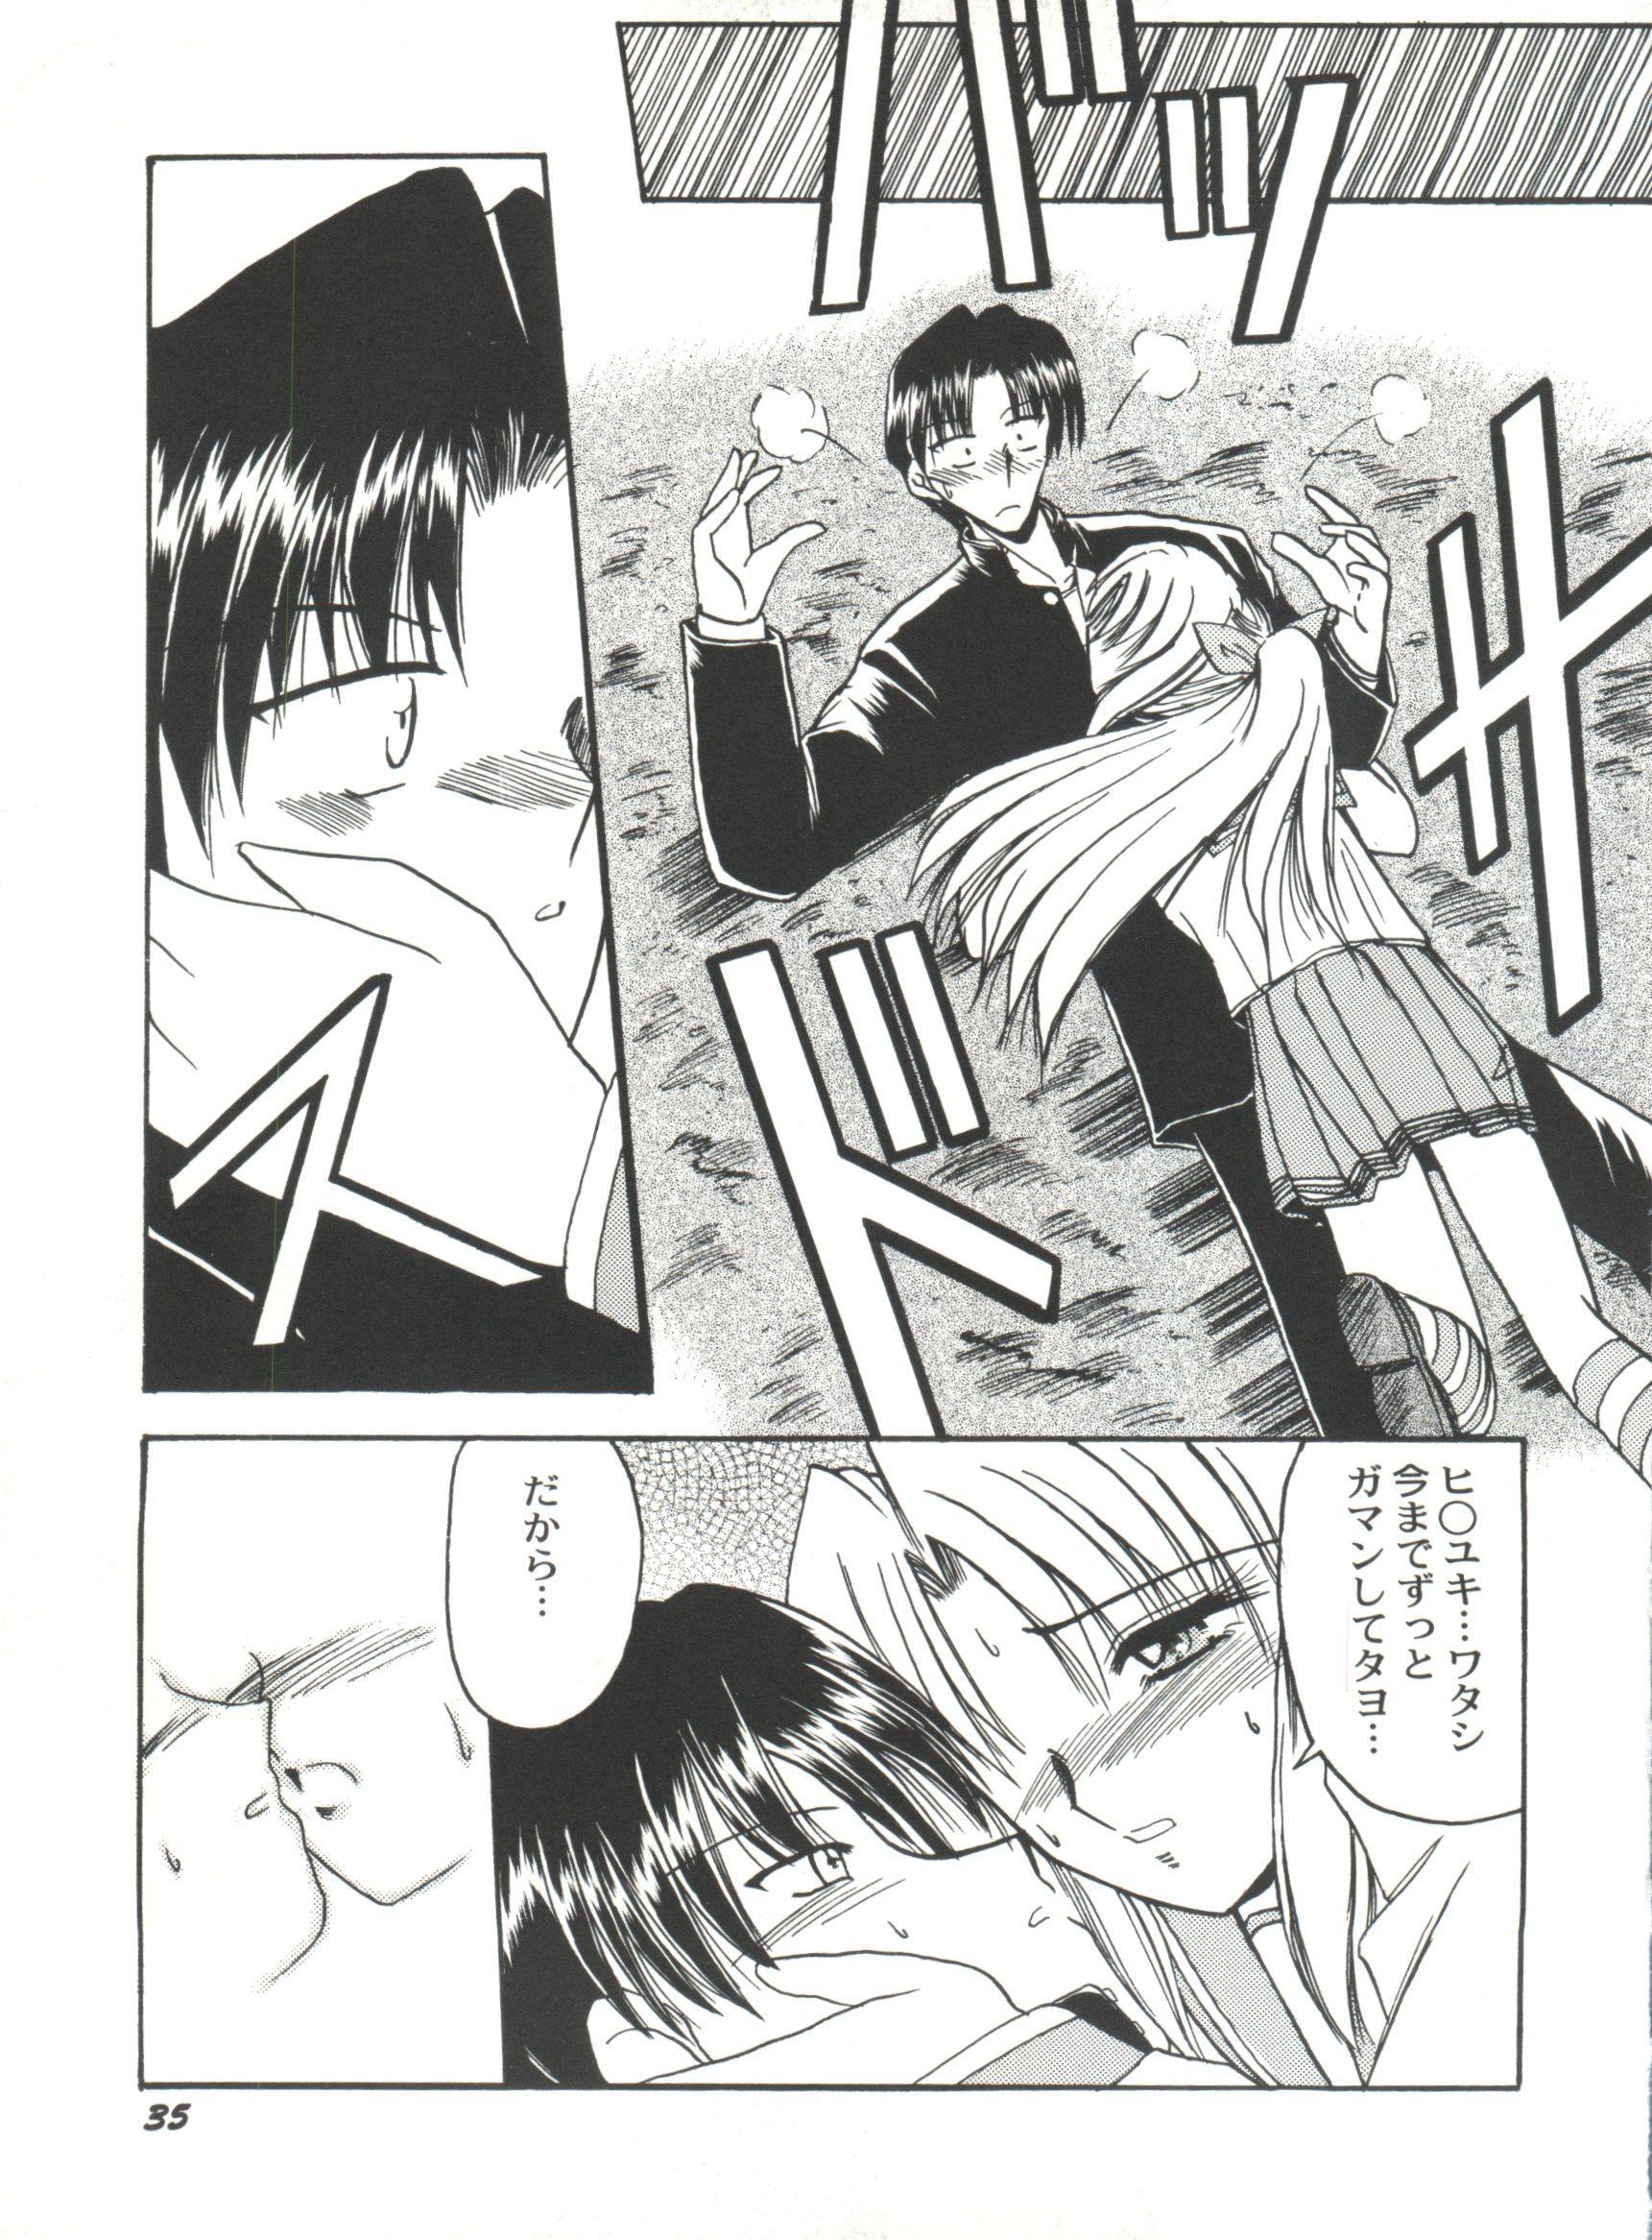 Bishoujo Doujinshi Anthology Cute 4 36